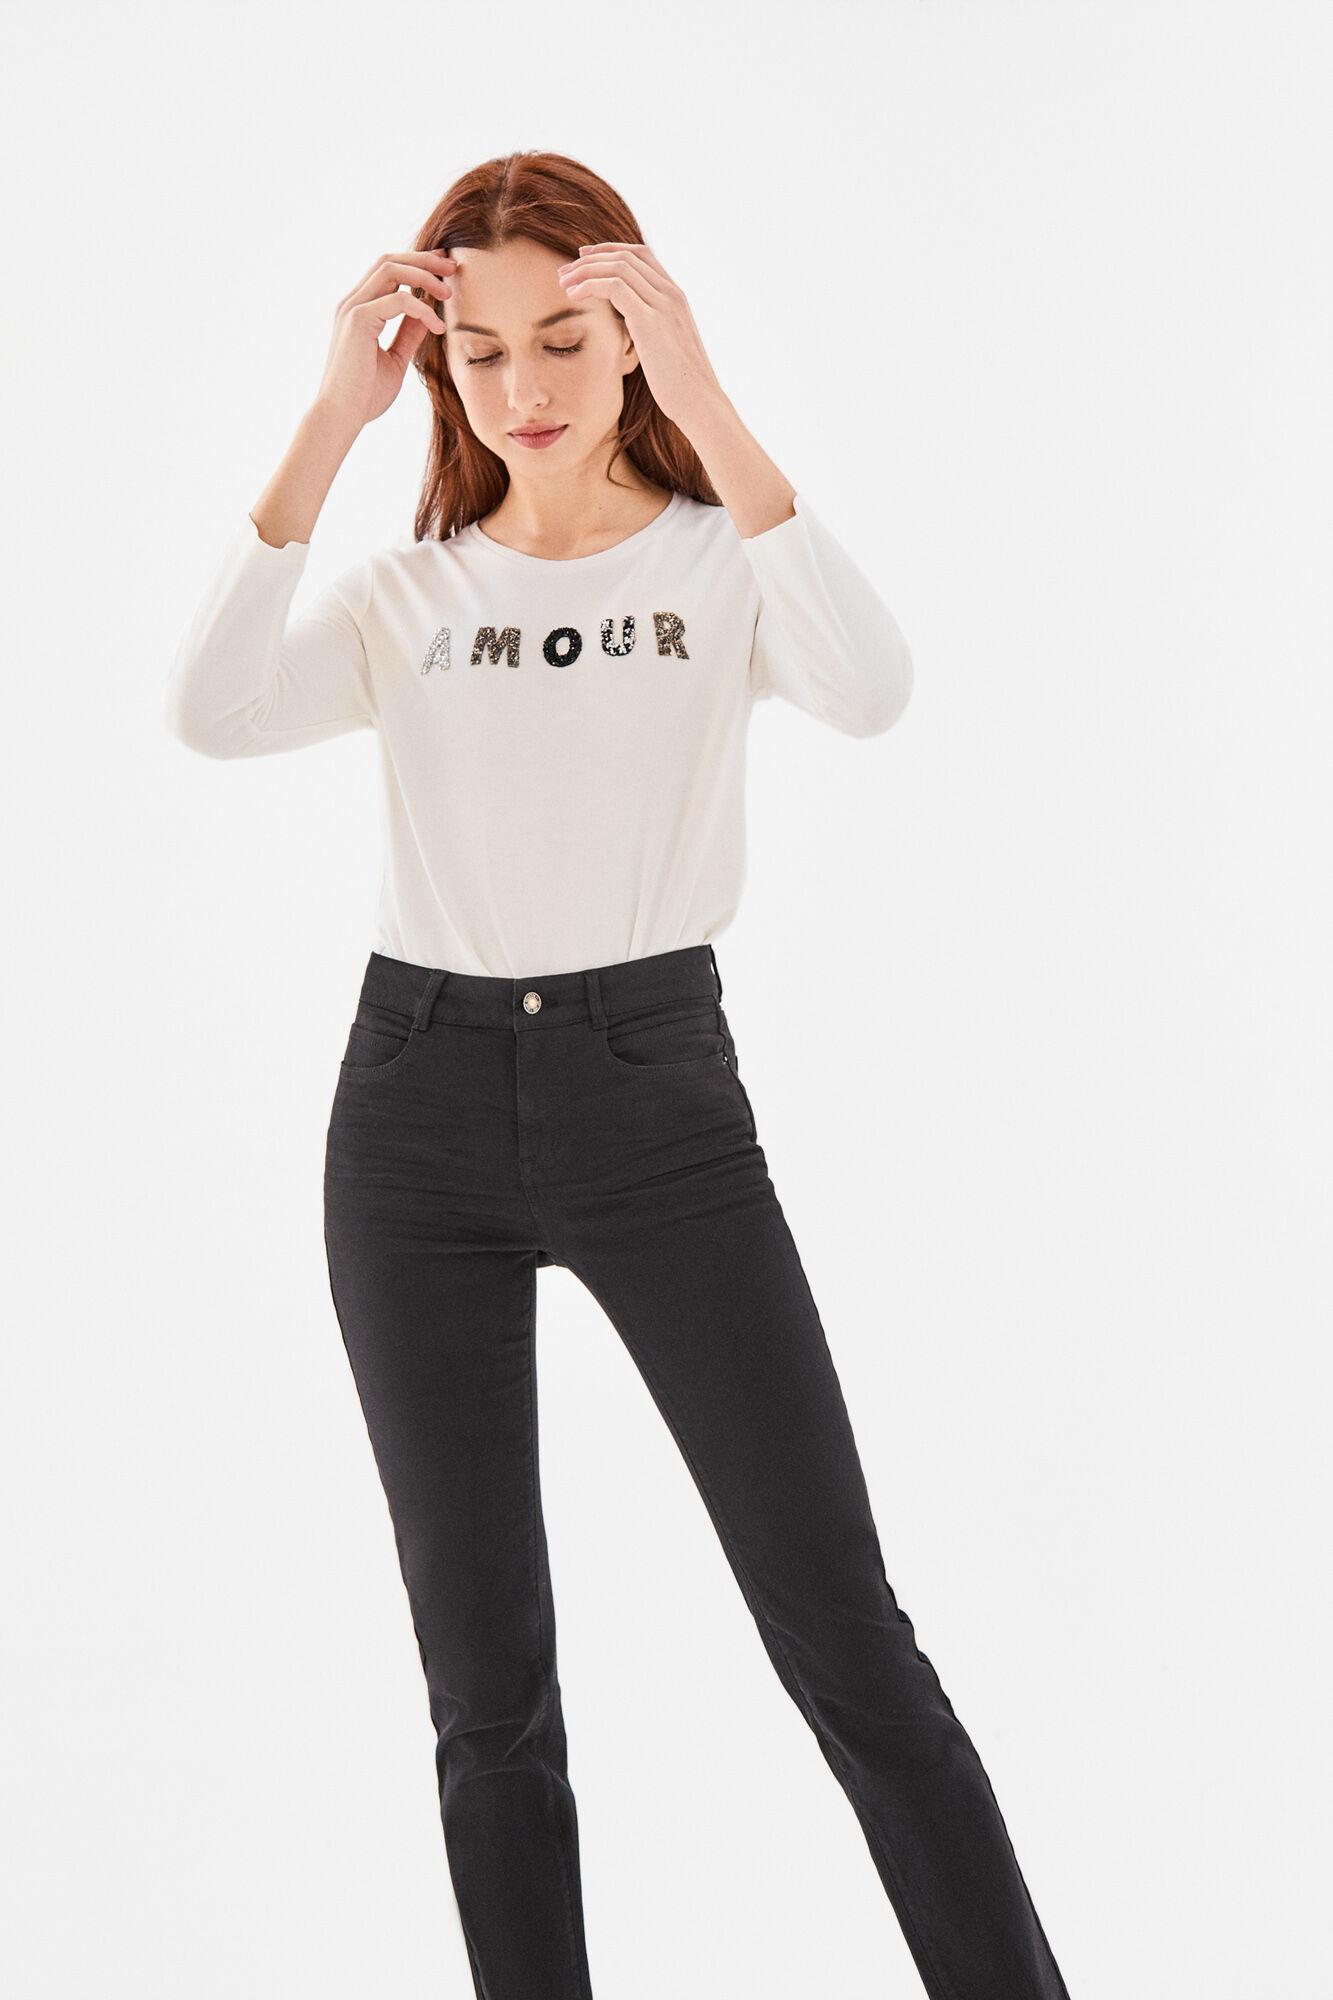 Jeans De Jeans Mujer Jeans De Cortefiel De Cortefiel Cortefiel Mujer Jeans Mujer wt5rtxqX